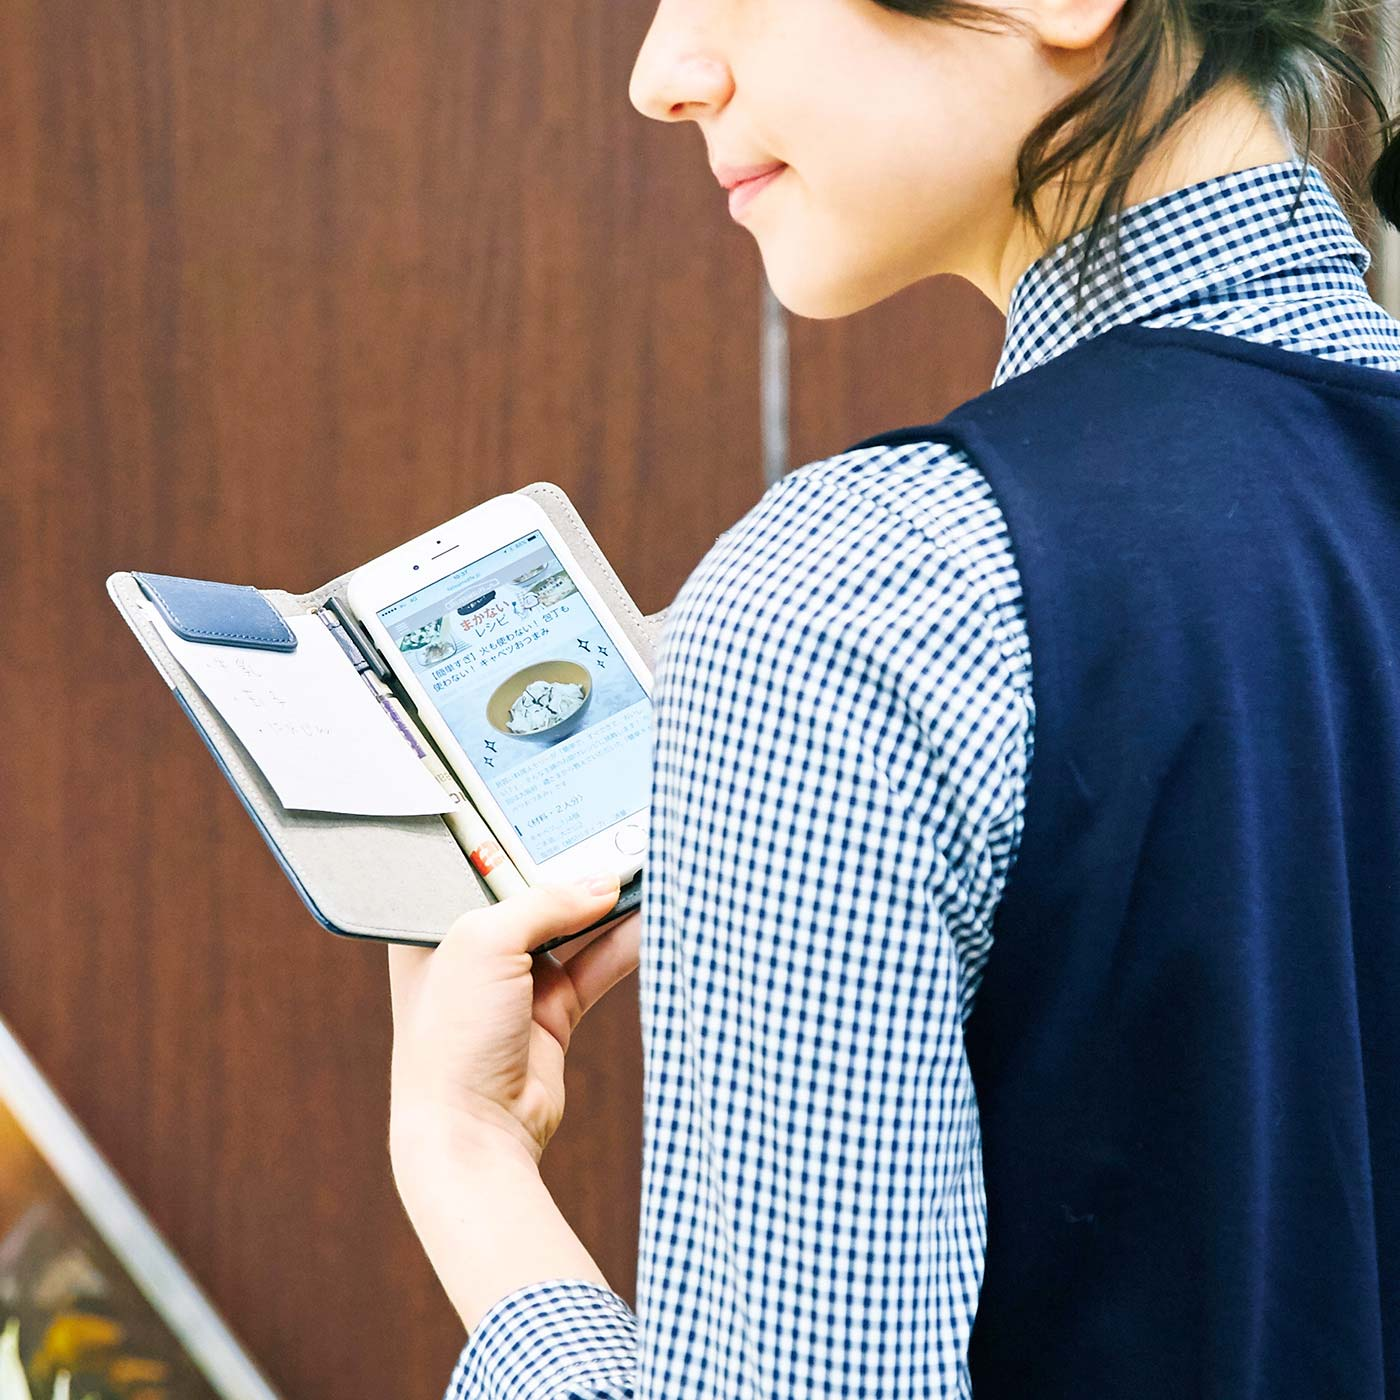 スマートフォンのレシピと買い物メモ。両方見ながら買い物しているあなたに。